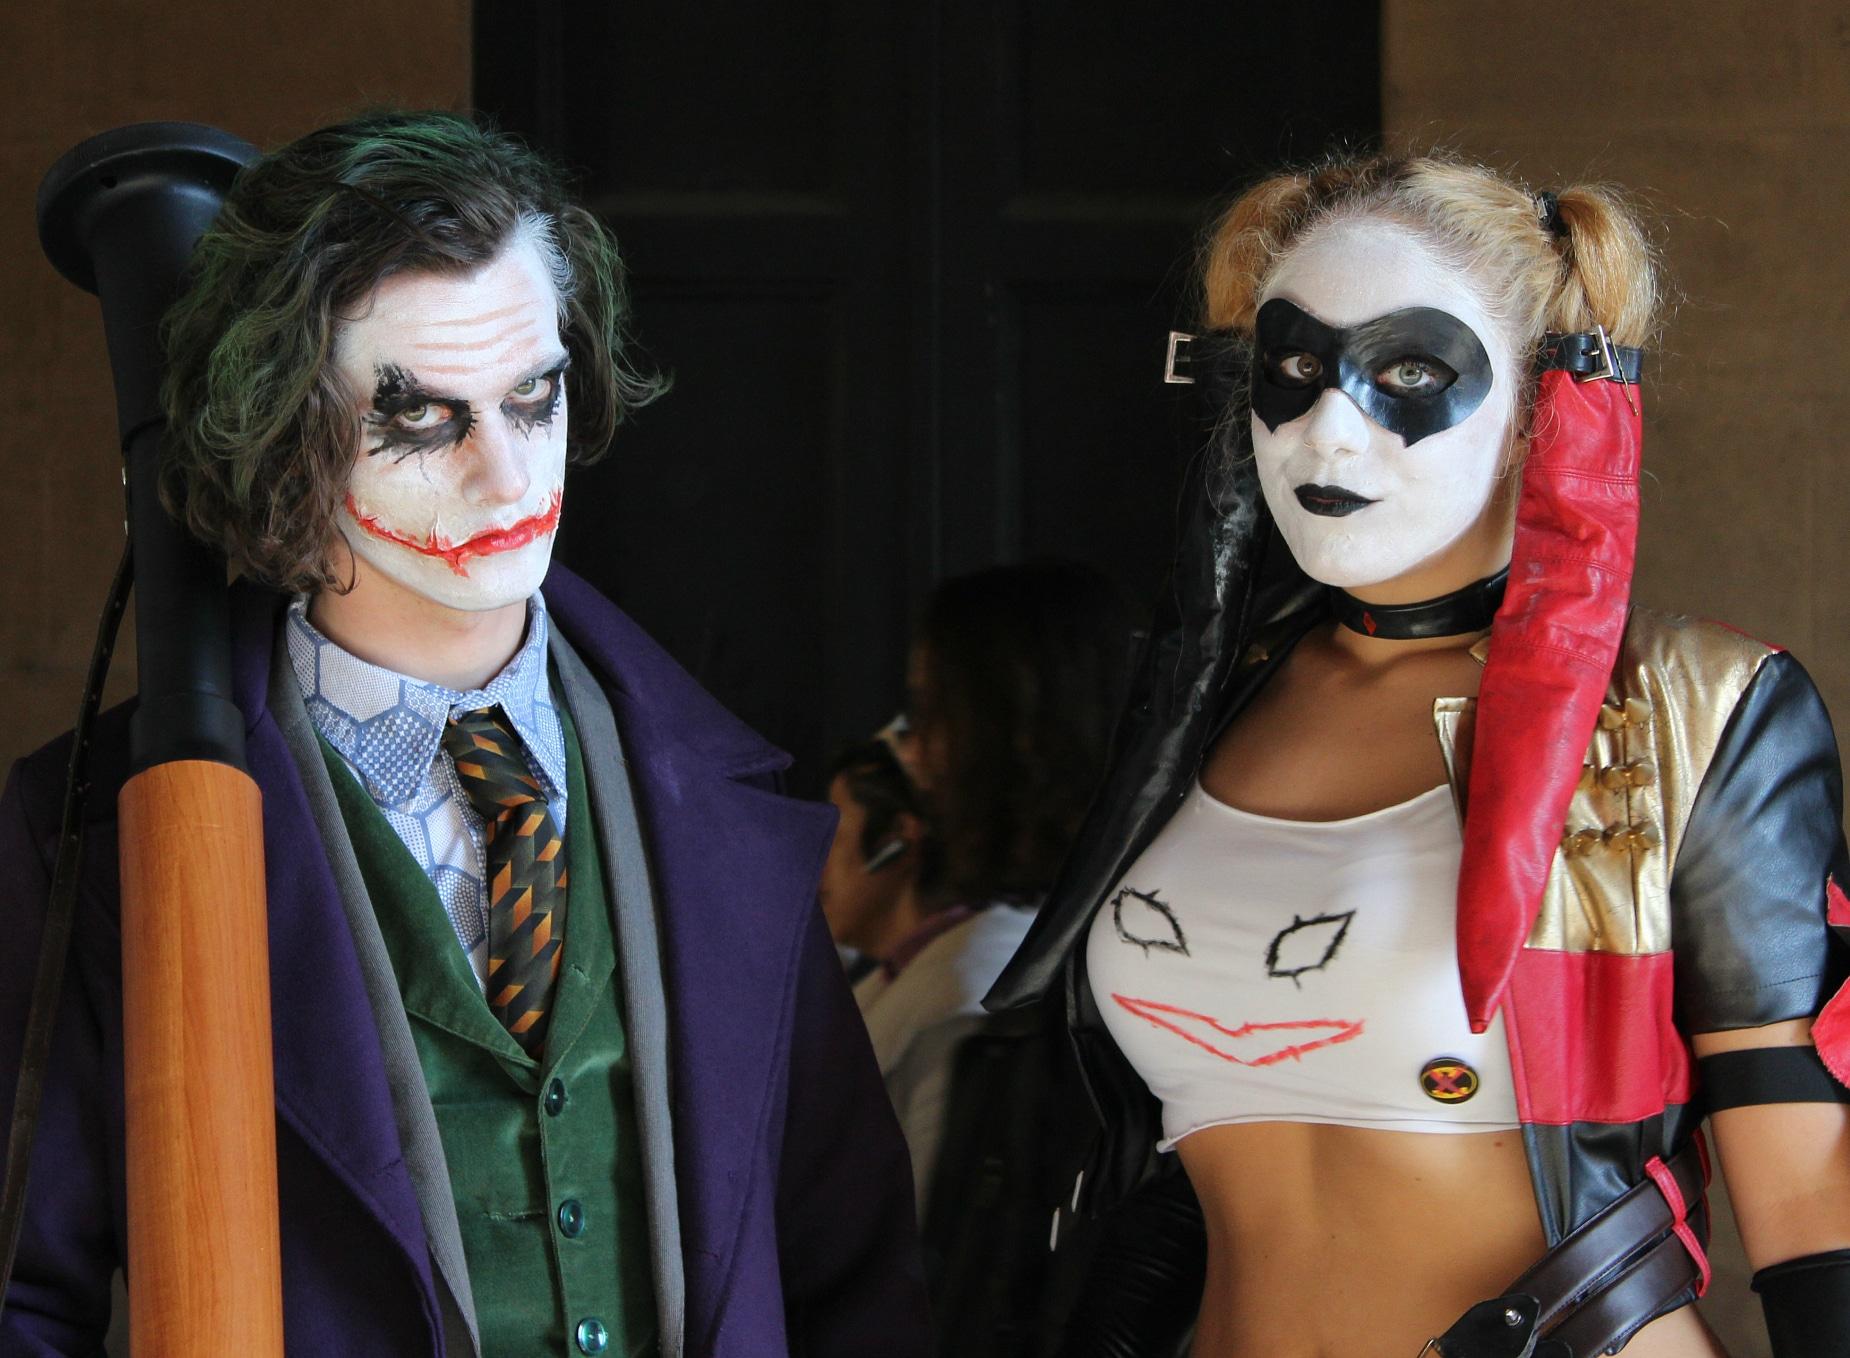 Cosplay Joker.